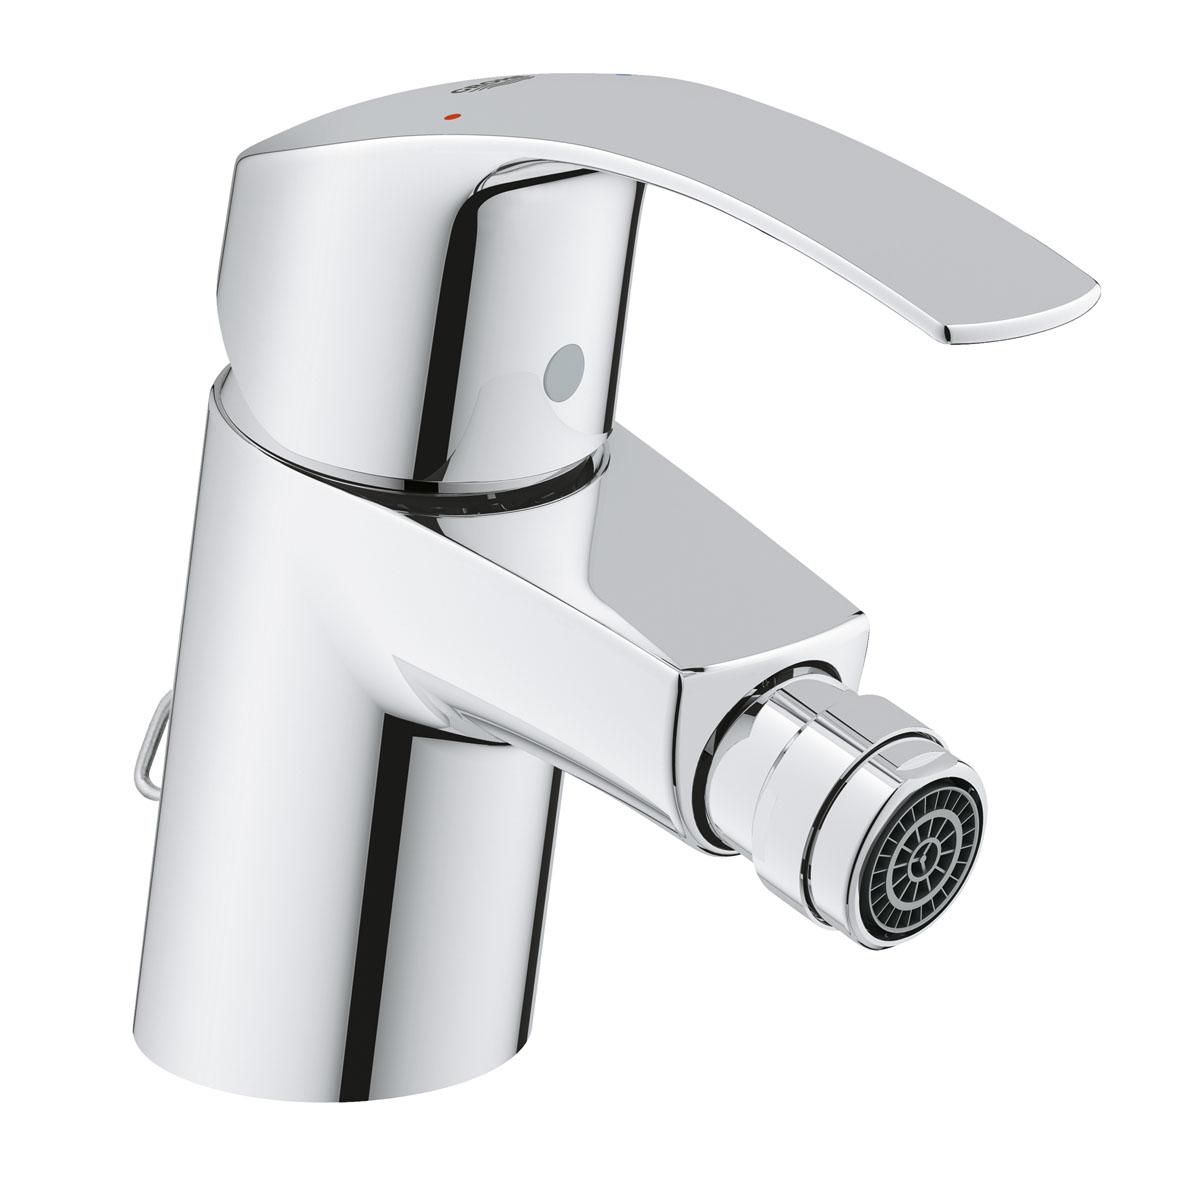 Смеситель для биде Grohe Eurosmart New, с цепочкой32927002Смеситель для биде Grohe Eurosmart New, выполненный из качественных материалов, отличается приятной легкостью в управлении. Удобный вращающийся аэратор позволяет настраивать направление потока воды, а встроенный механизм Grohe EcoJoy обеспечит экономию воды, достигающую 50% по отношению к стандартным параметрам расхода. Пробка для сливного отверстия прикреплена к цепочке с возвратным механизмом и в убранном виде хранится незаметно позади смесителя. Благодаря привлекательному дизайну и сияющему хромированному покрытию Grohe StarLight, этот смеситель станет эффектным дополнением к интерьеру вашей ванной комнаты. Система упрощенного монтажа делает процесс установки смесителя простым и понятным.В комплекте поставляется гибкая подводка.Керамический картридж: 35 мм.